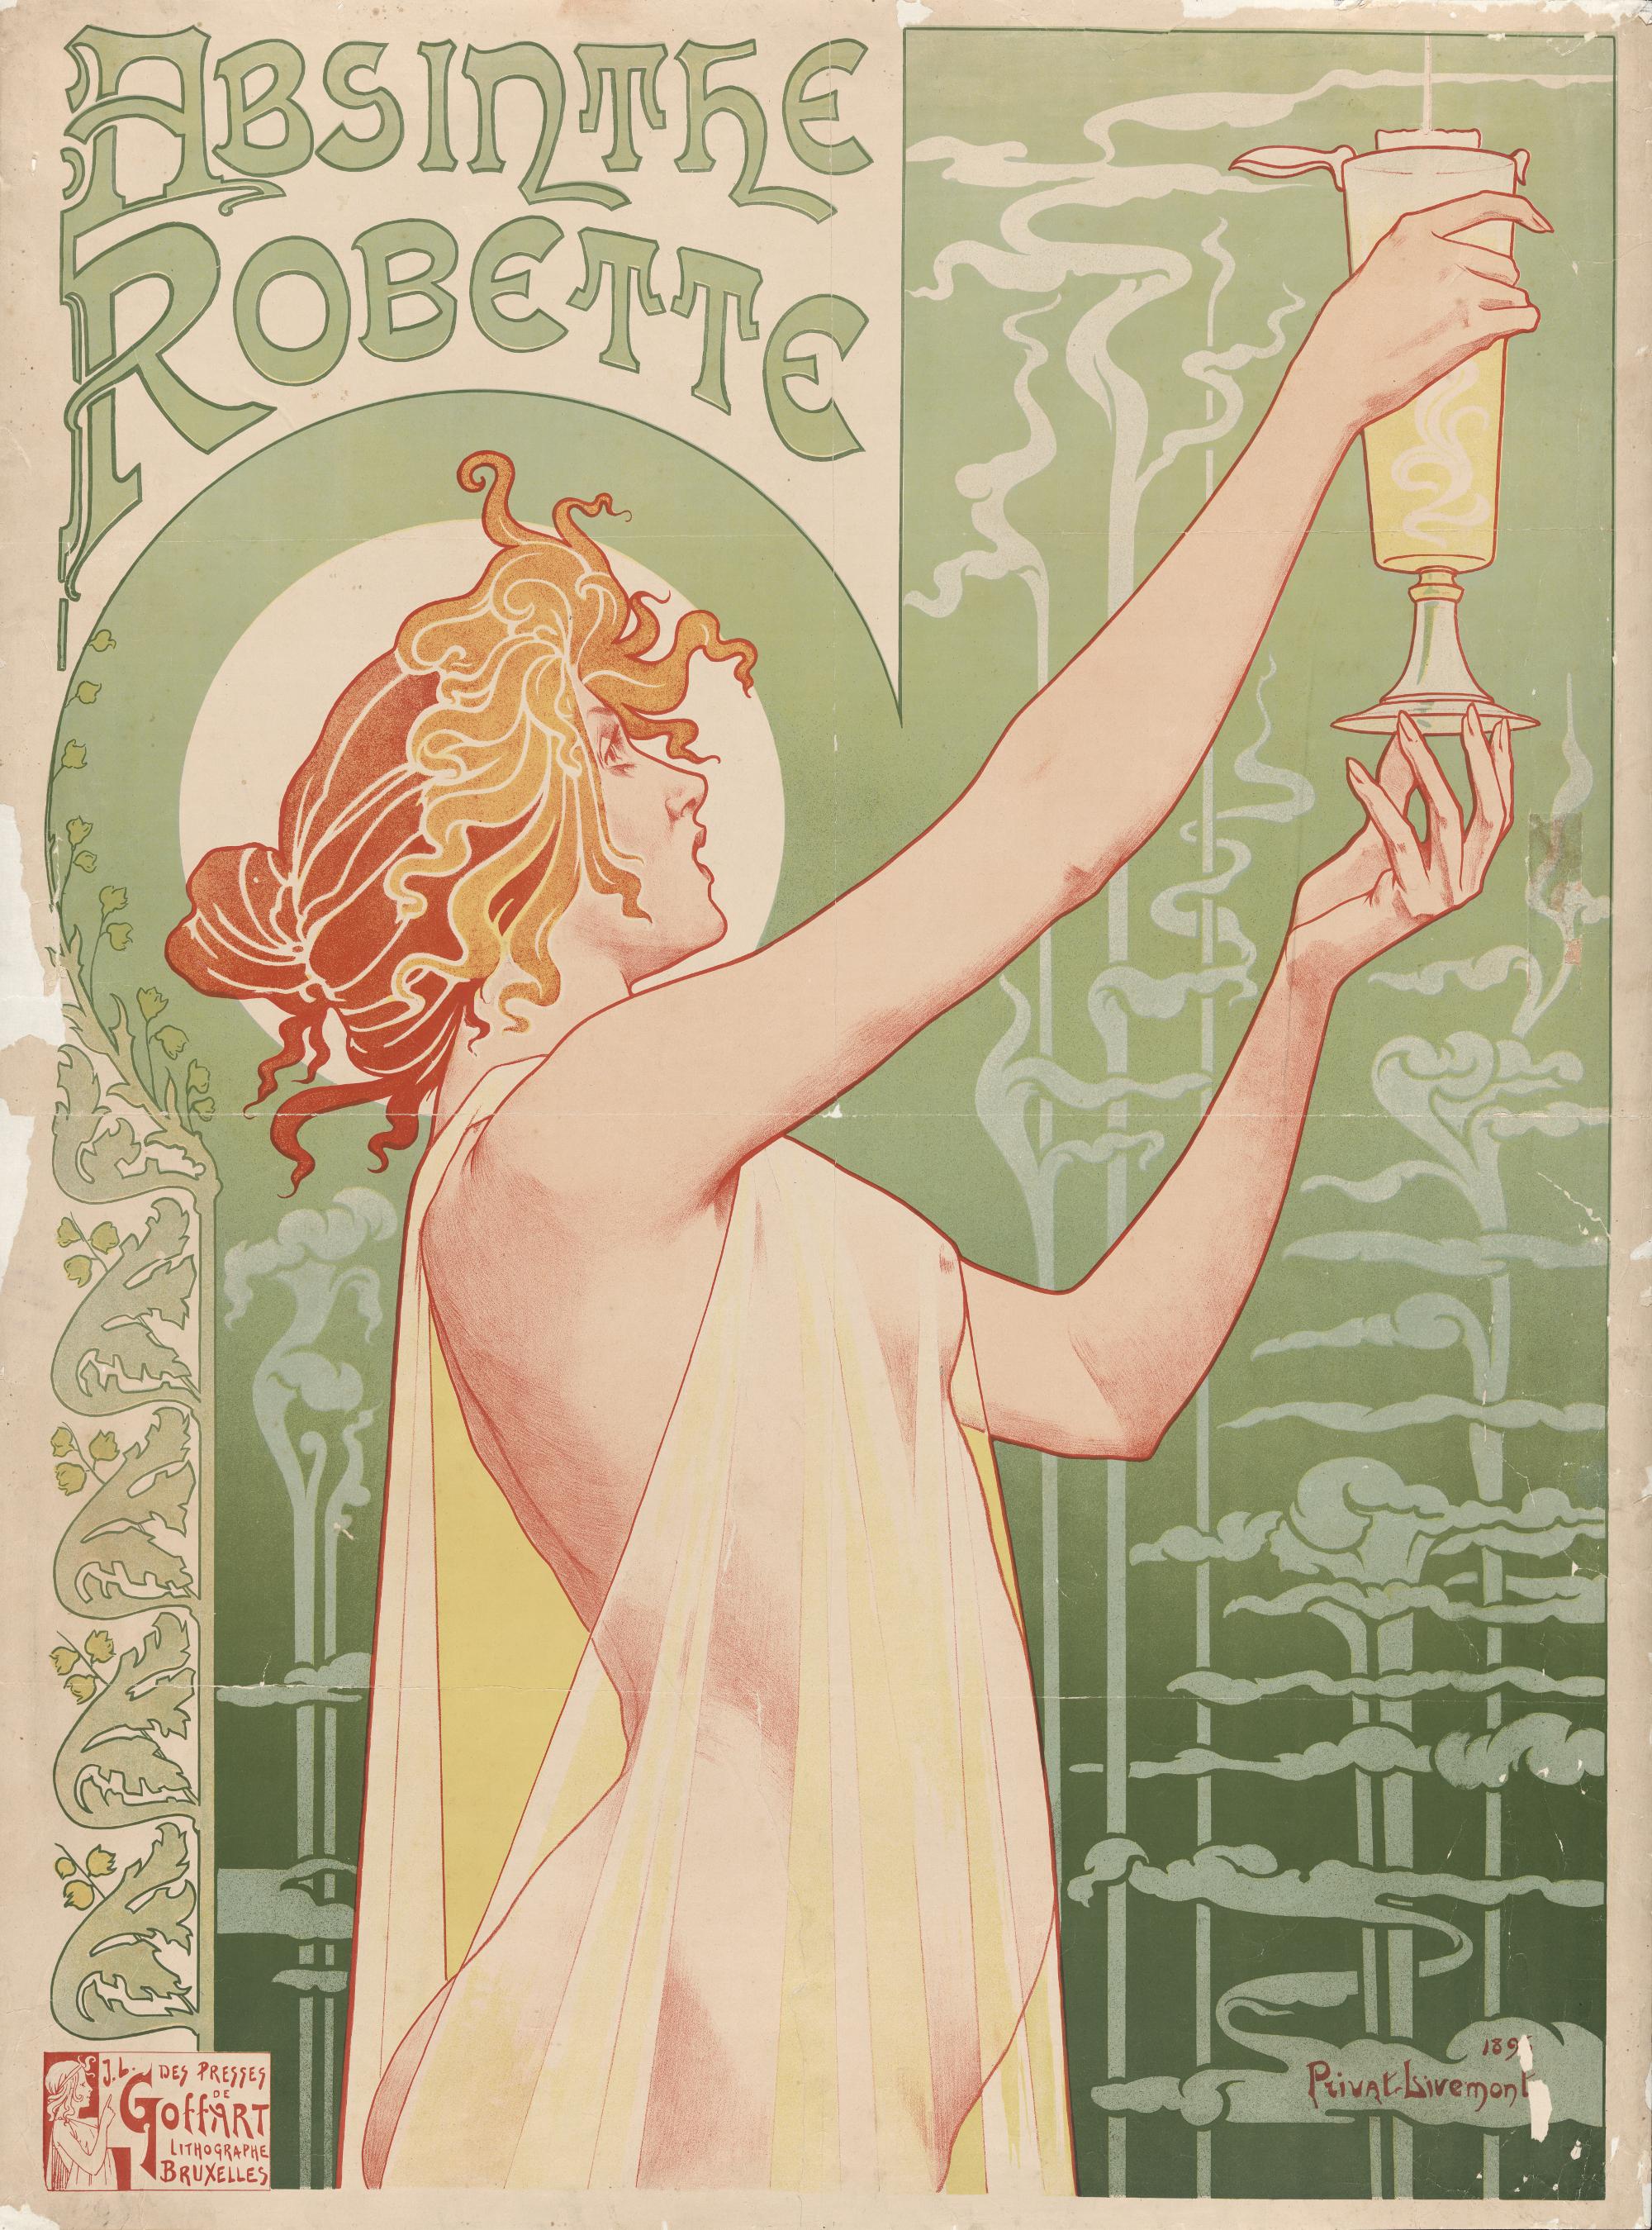 Privat-Livemont_-_Absinthe_Robette%2C_1896.jpg